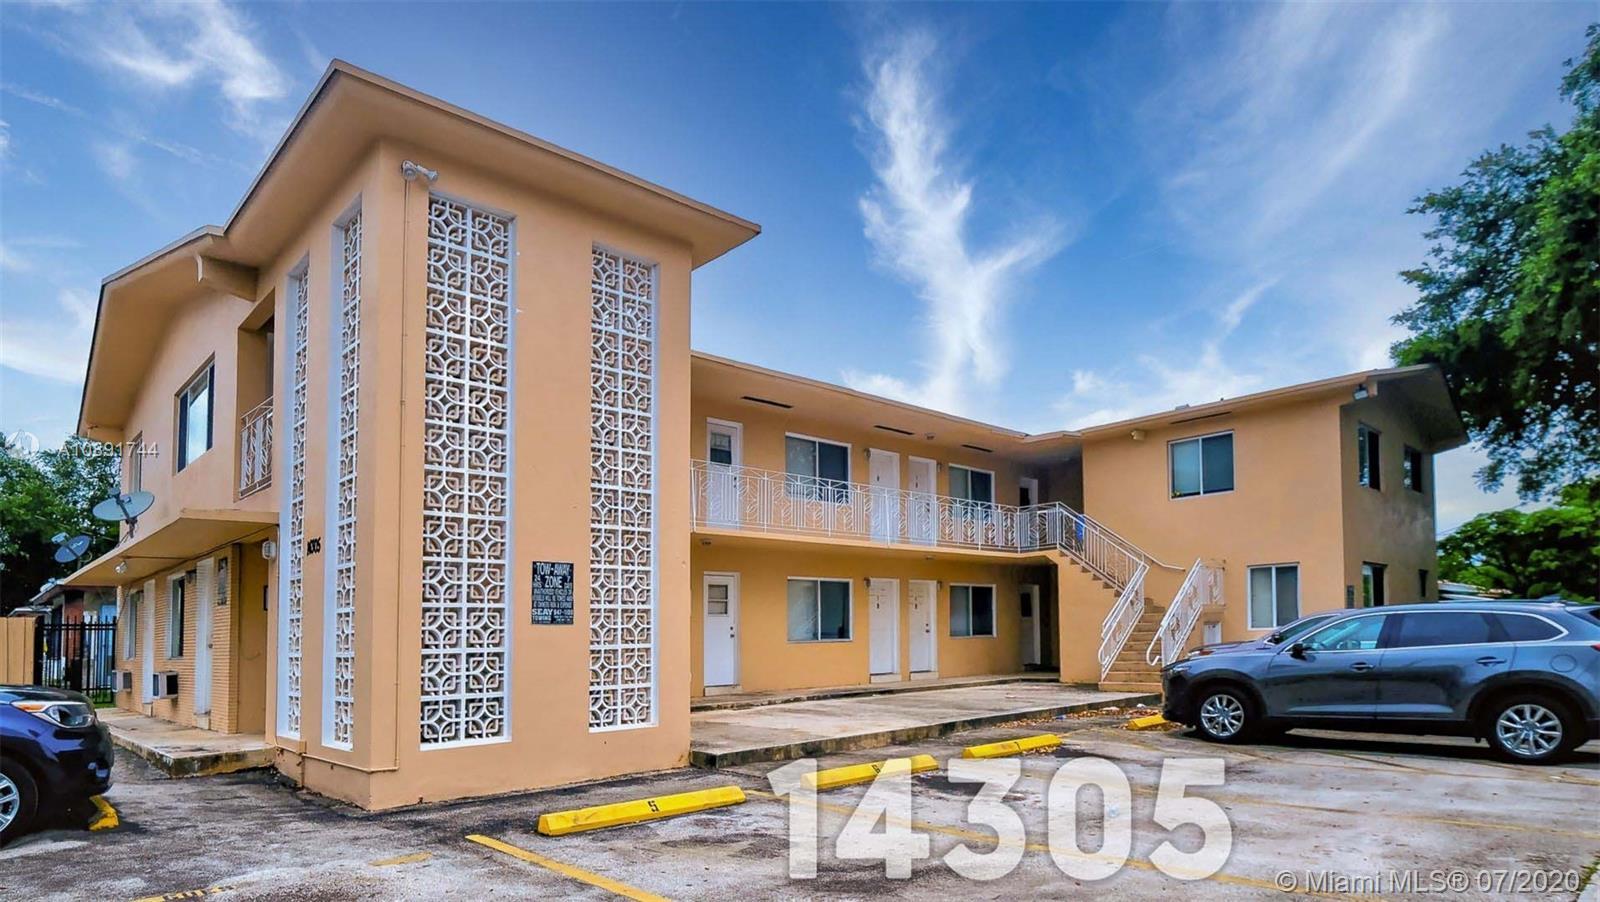 14305 NE 6th Ave  For Sale A10891744, FL